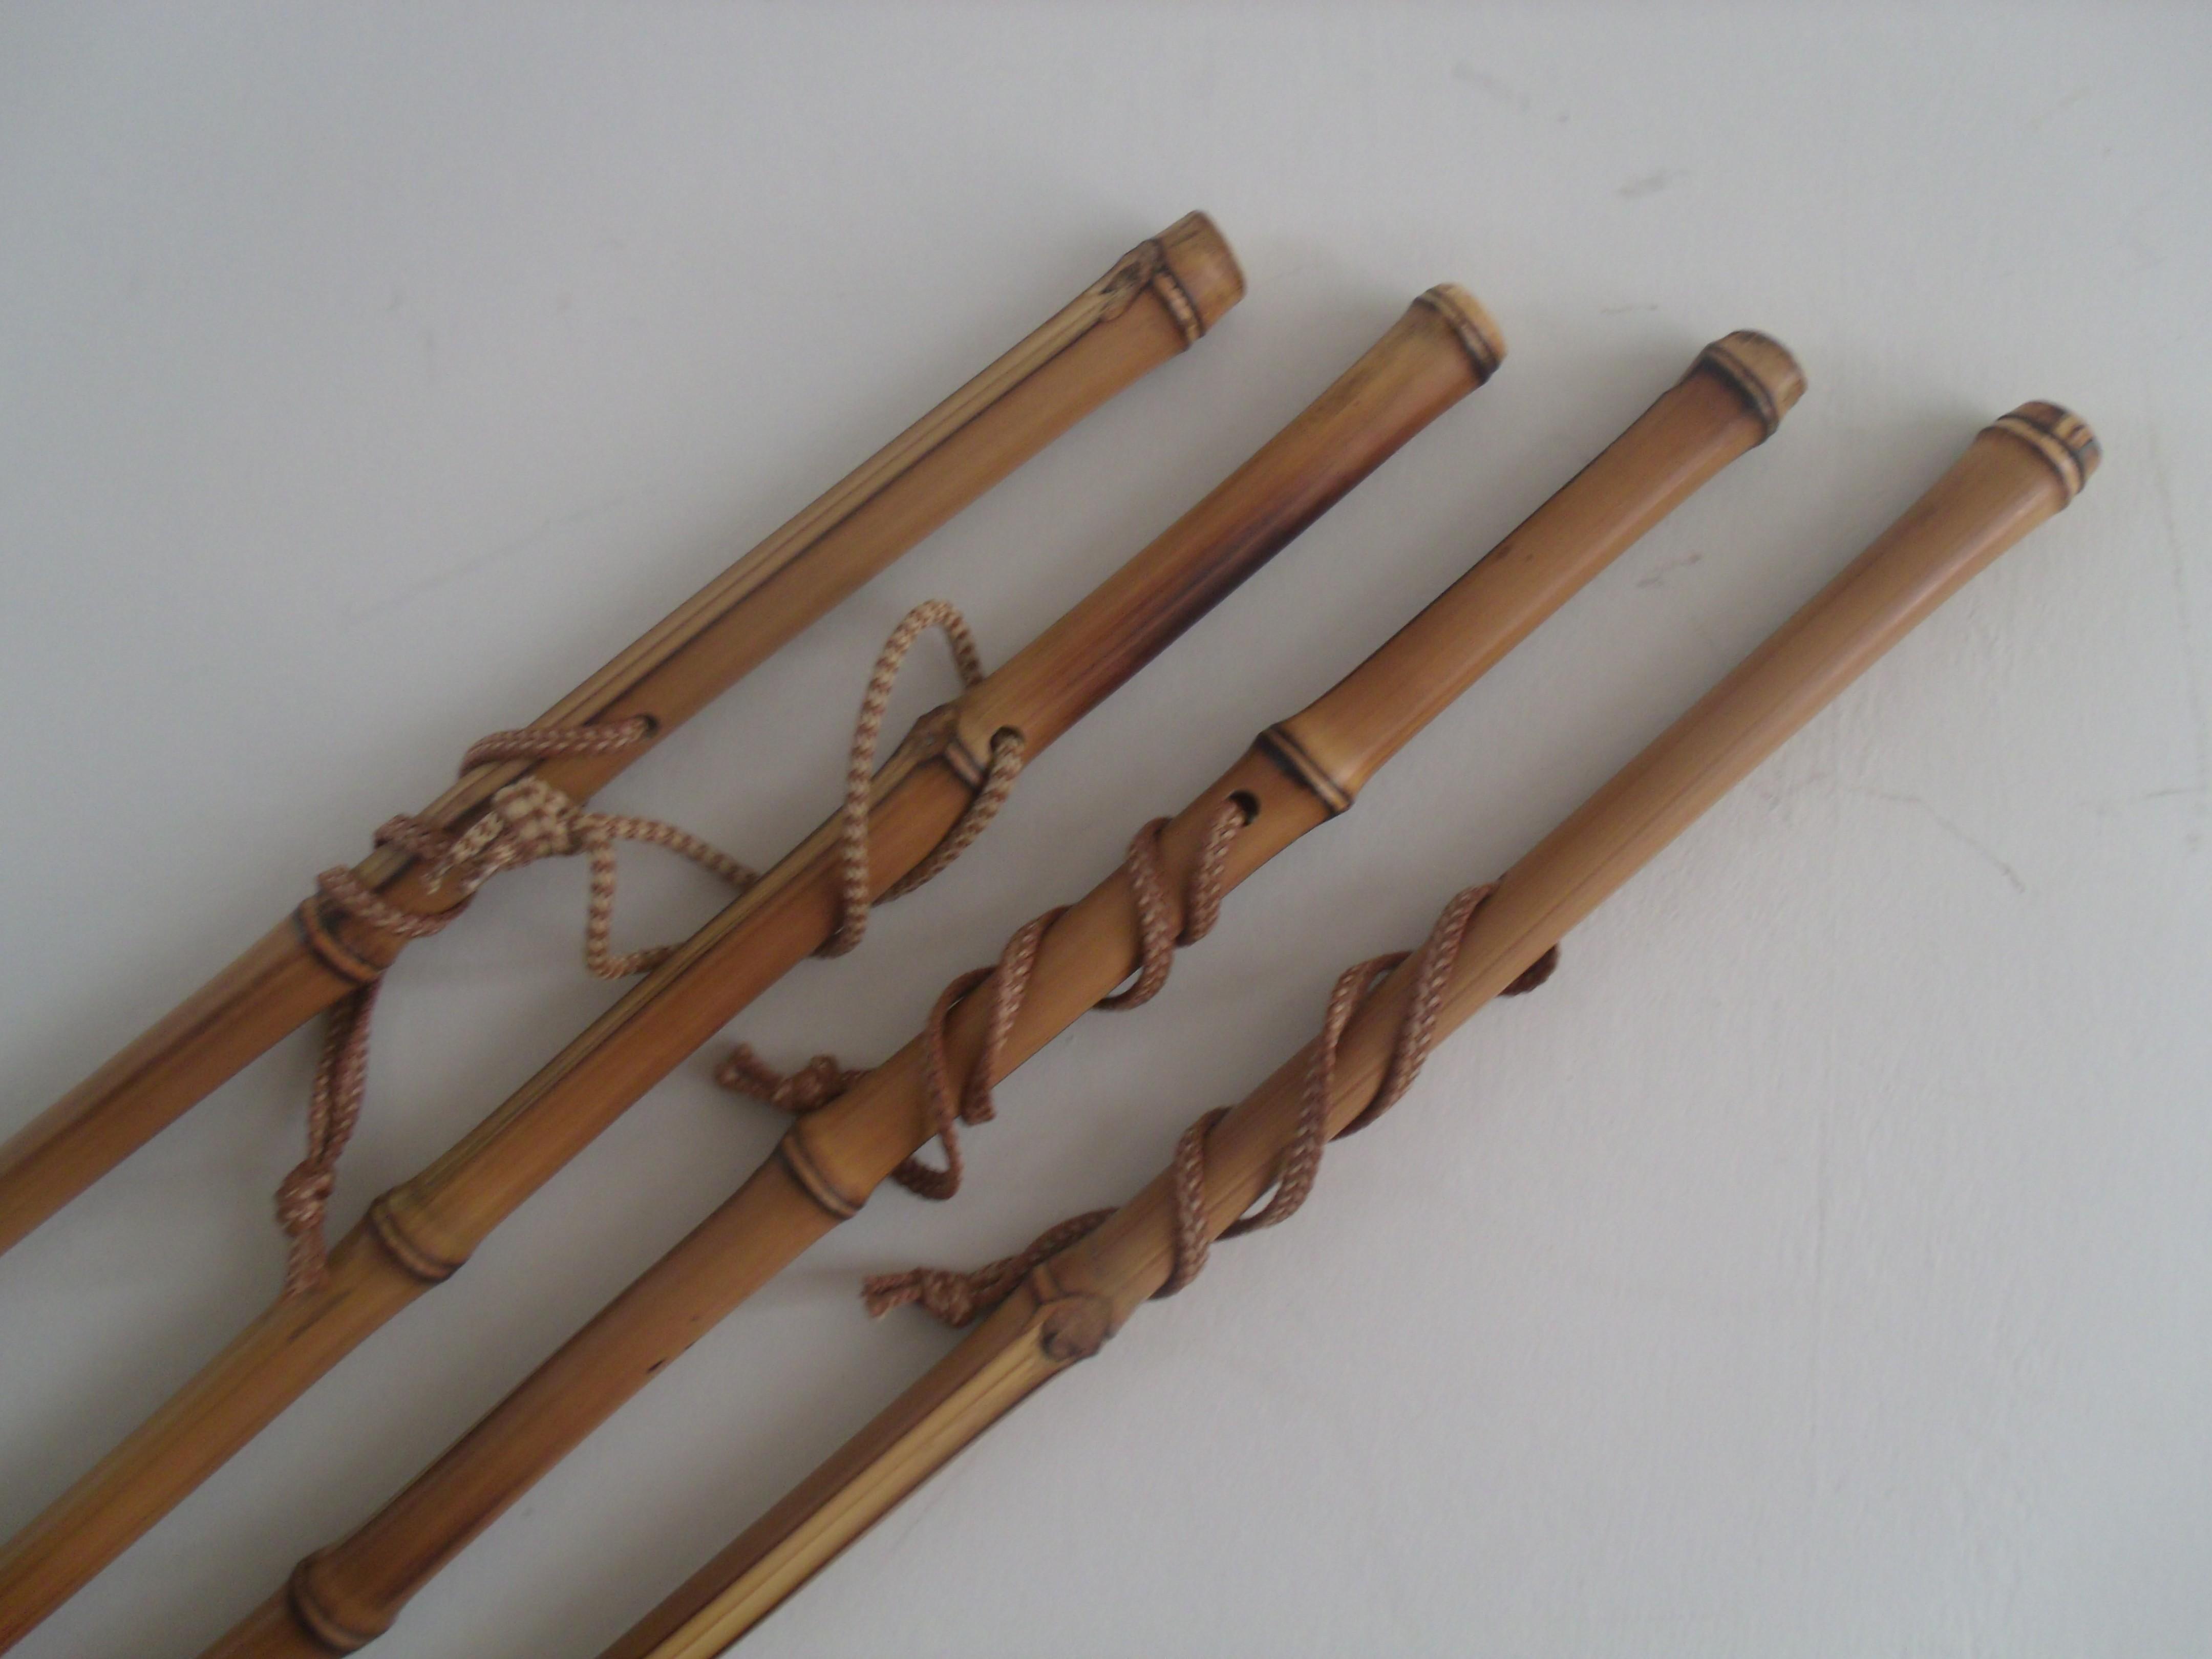 Bamboo canes lightweight walking sticks ideal